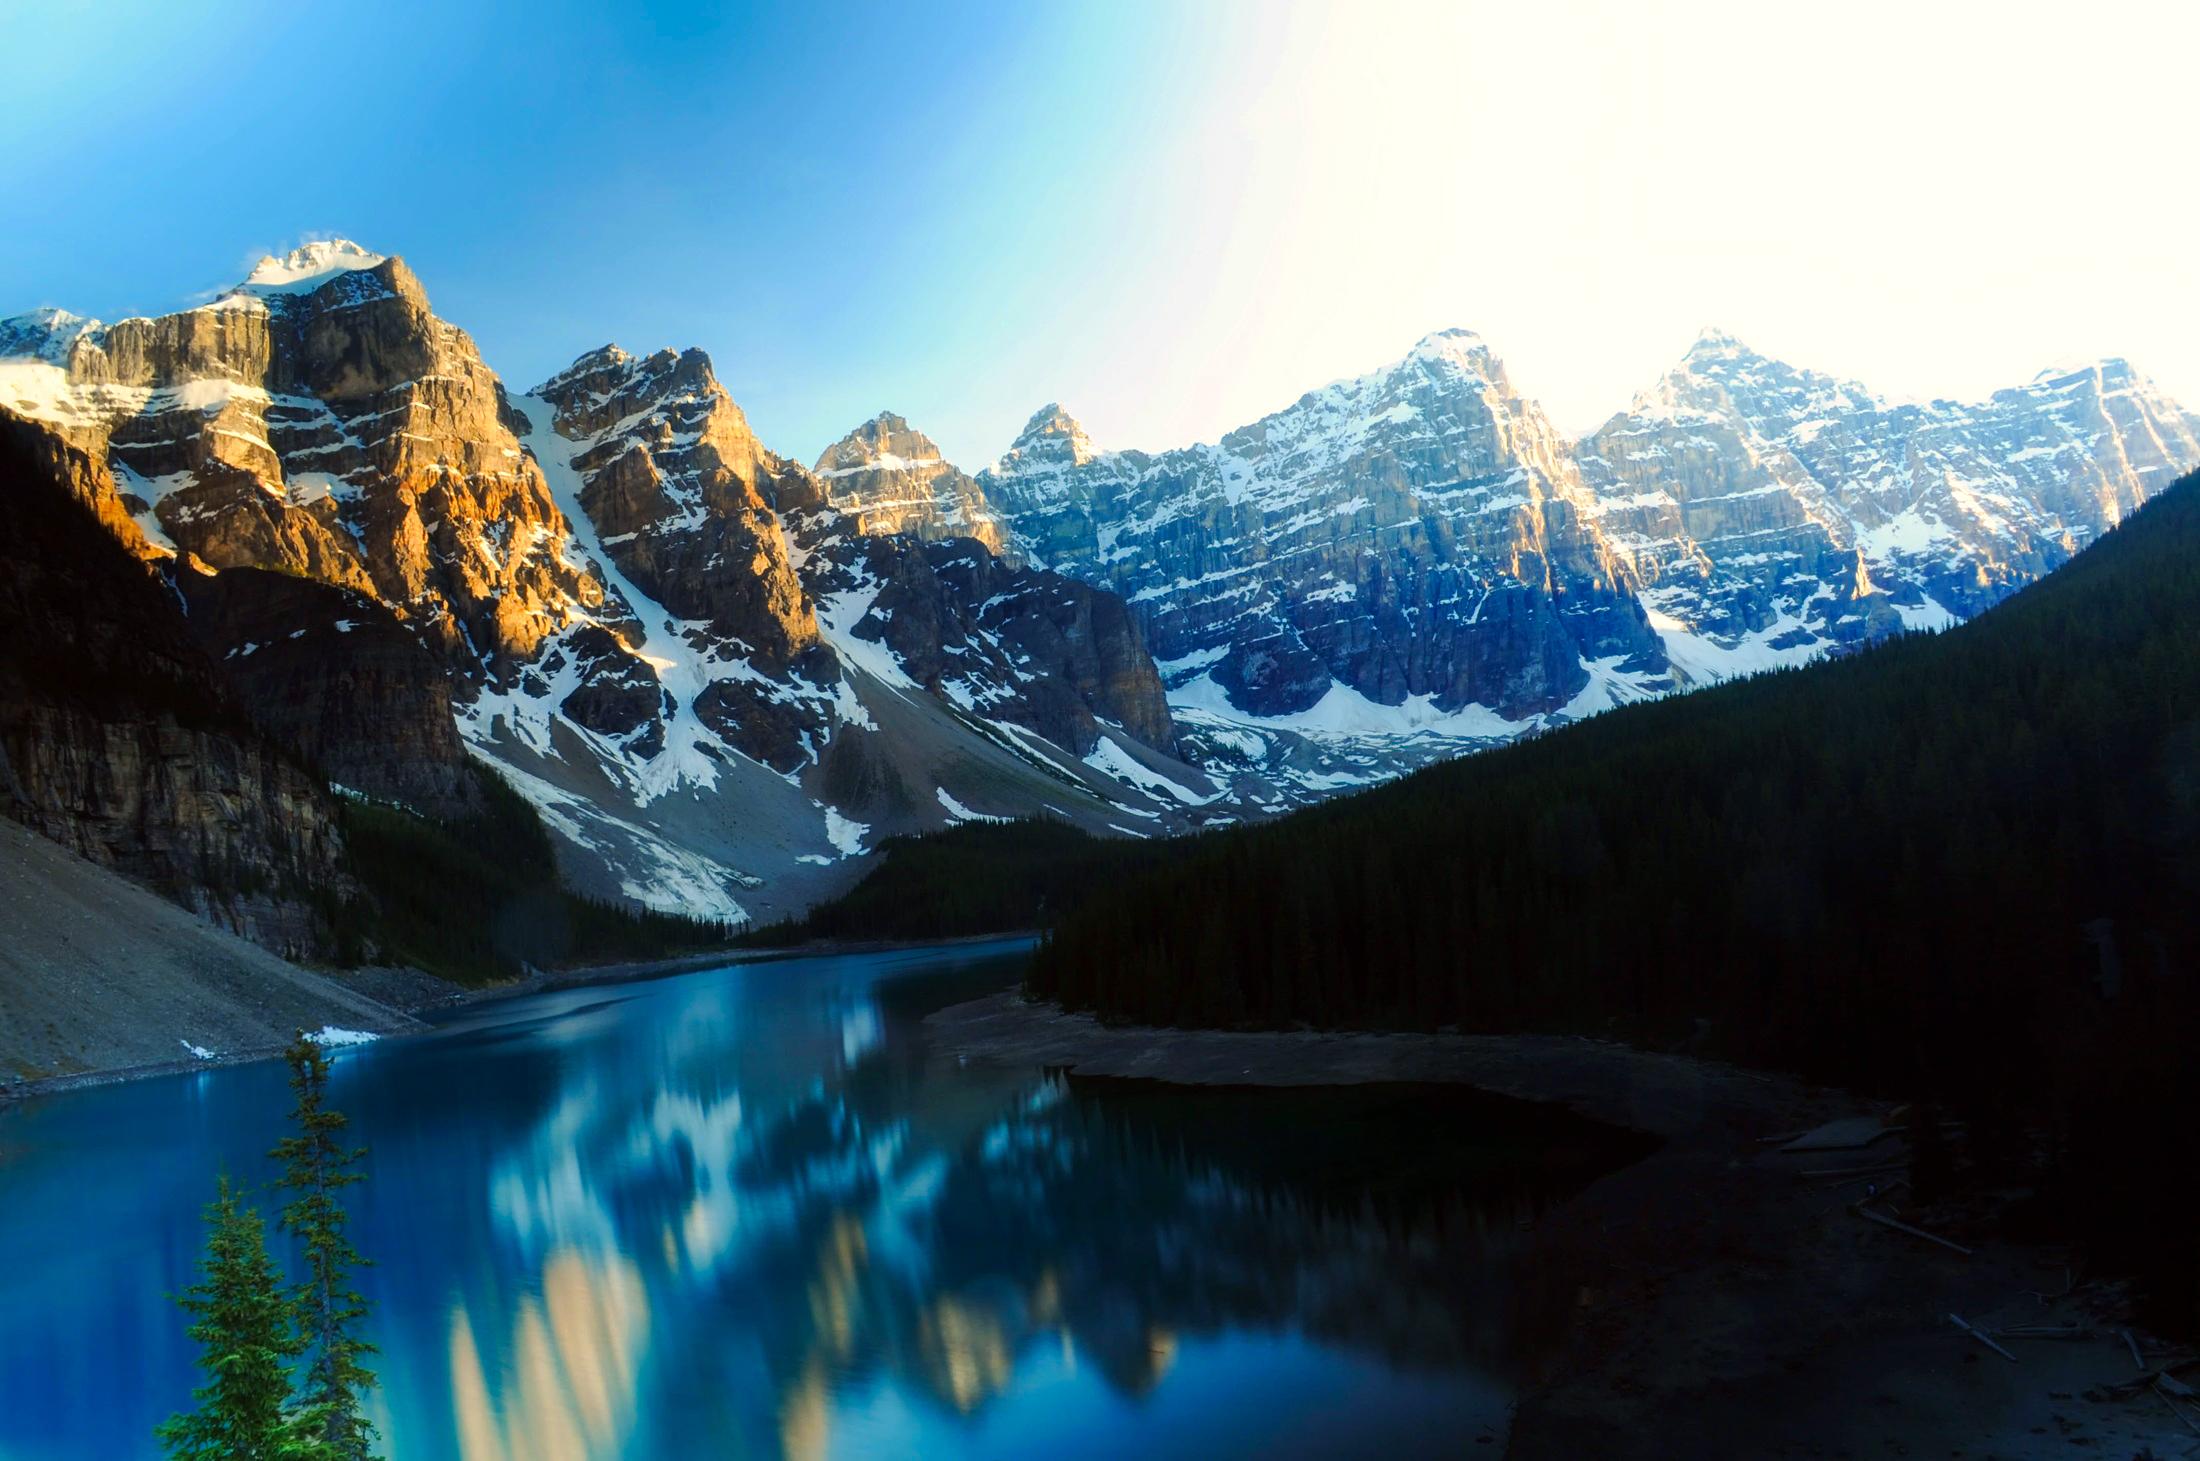 Guía de viajes a Canada, Visa a Canadá, Visado a Canadá canadá - 32315074276 98150c8a6e o - Guía de viajes y visa para Canadá